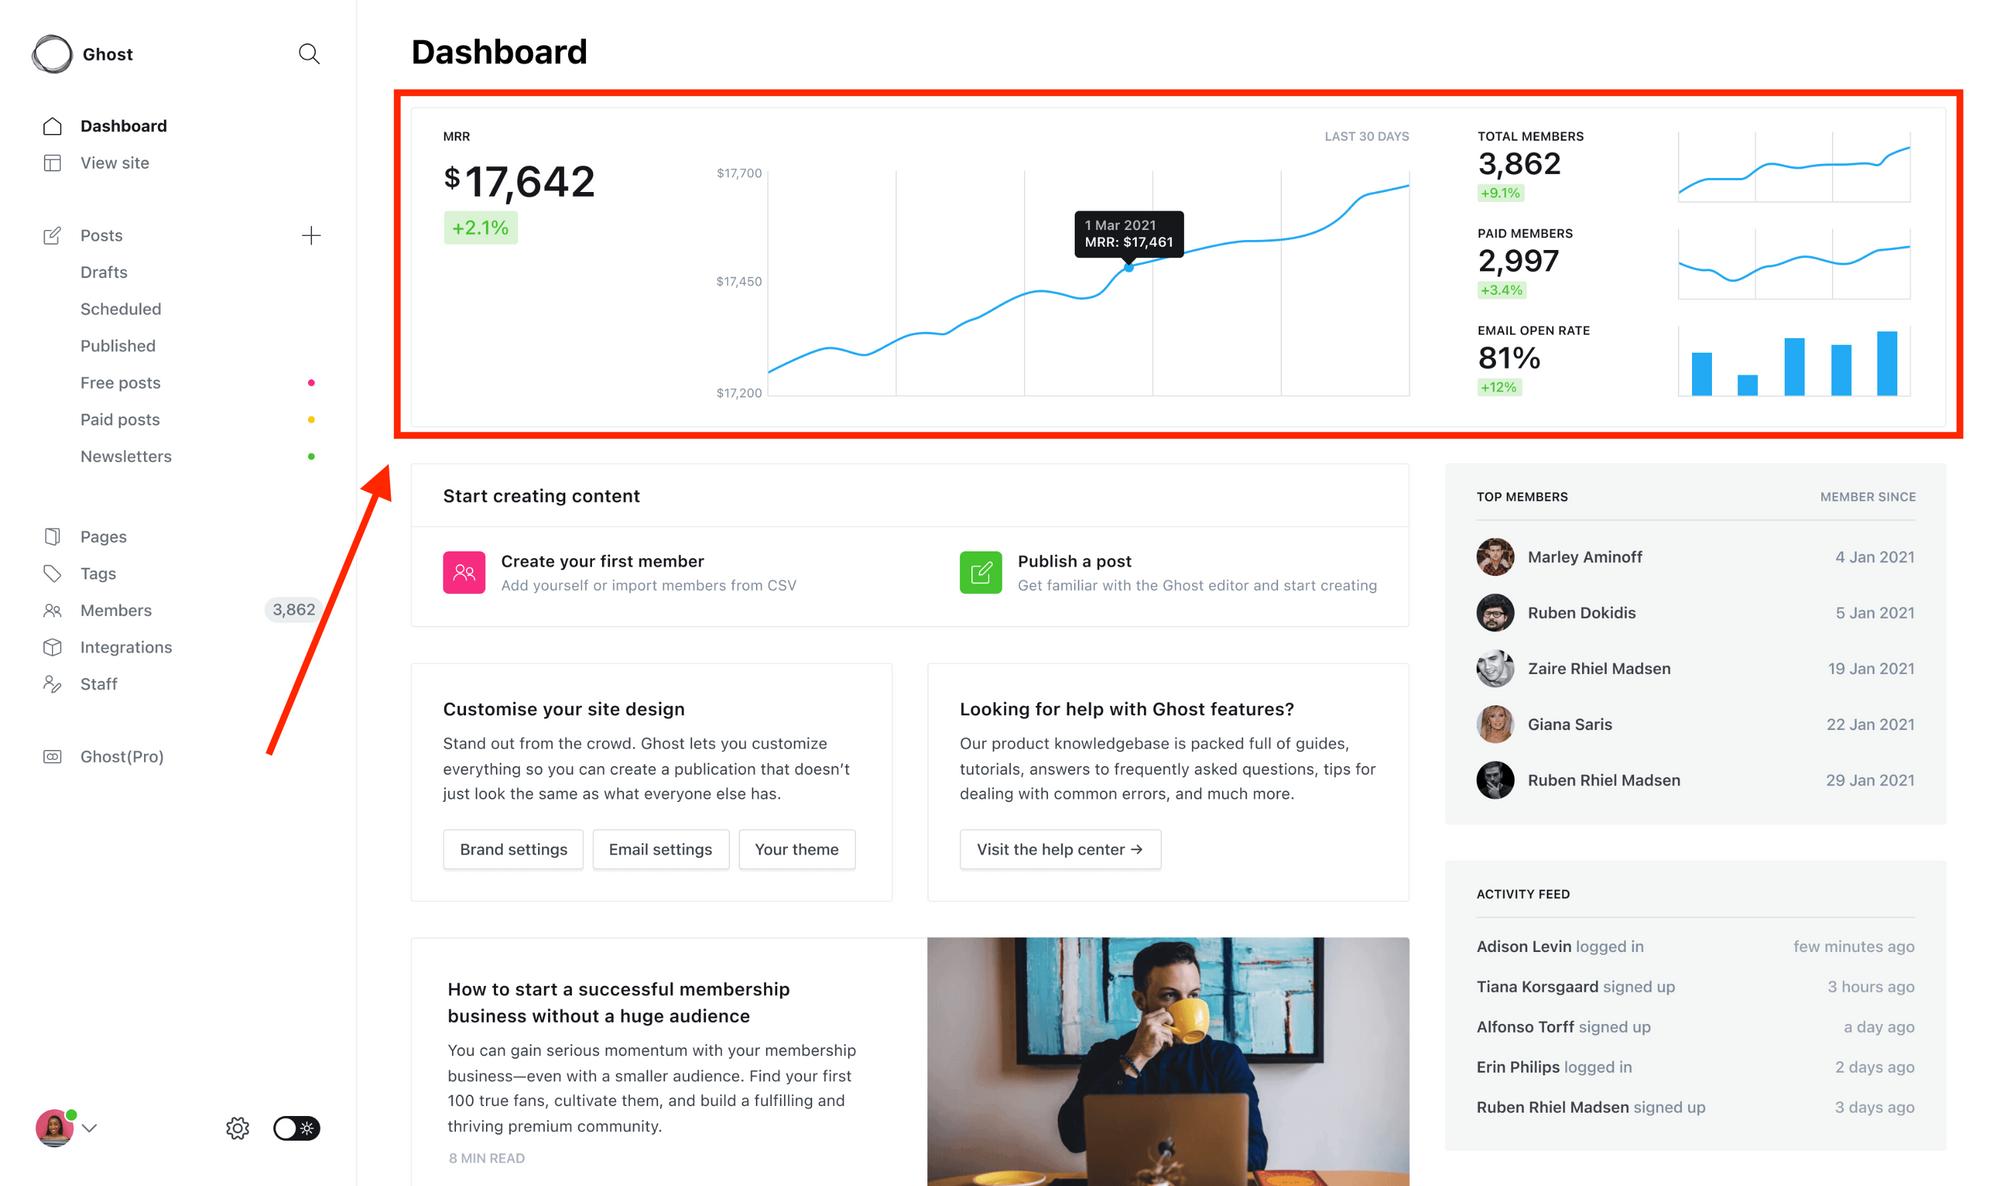 newsletter analytics dashboard in Ghost